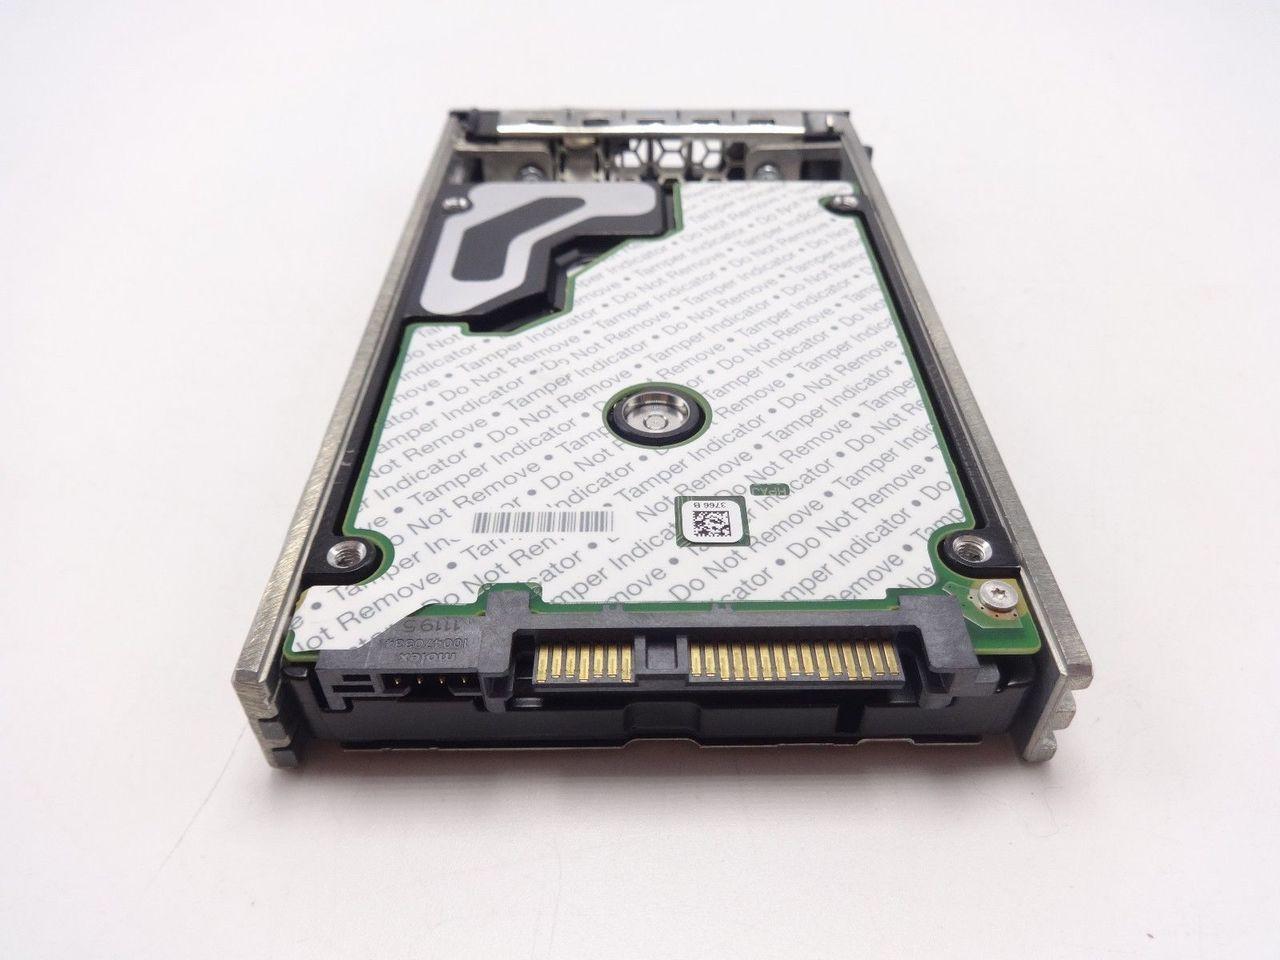 Dell XRRVX 900GB SAS 10K 2.5 HARD DRIVE 9XS066-251 ST9900605SS 0XRRVX